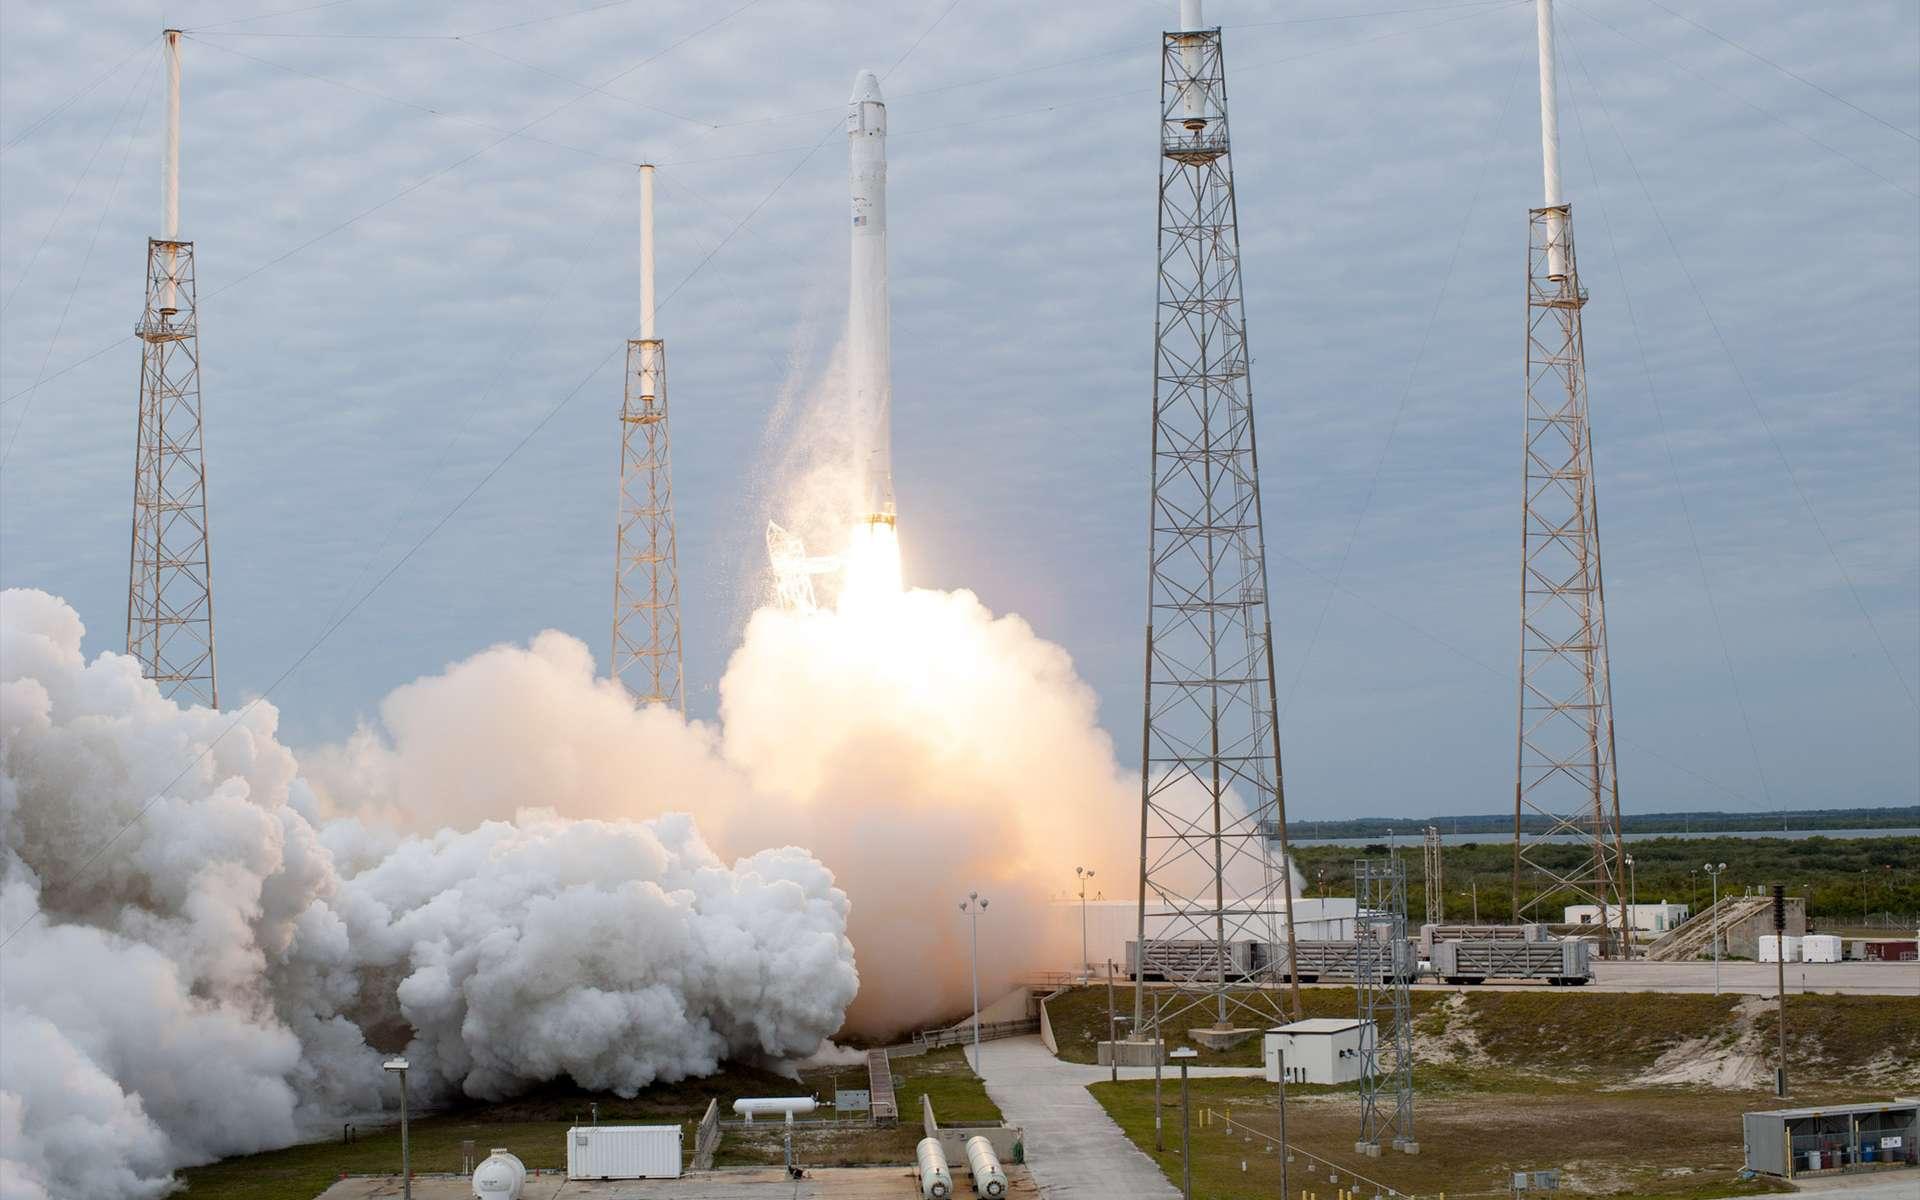 Décollage du lanceur Falcon-9 depuis le pas de tir LC-40 de la base de lancement de Cap Canaveral en Floride, à côté du Centre spatial Kennedy. Tout s'est bien passé jusqu'à la séparation du lanceur et de la capsule. Un problème affectait le système de propulsion de la capsule, et a été réglé dans les heures suivantes. © Nasa